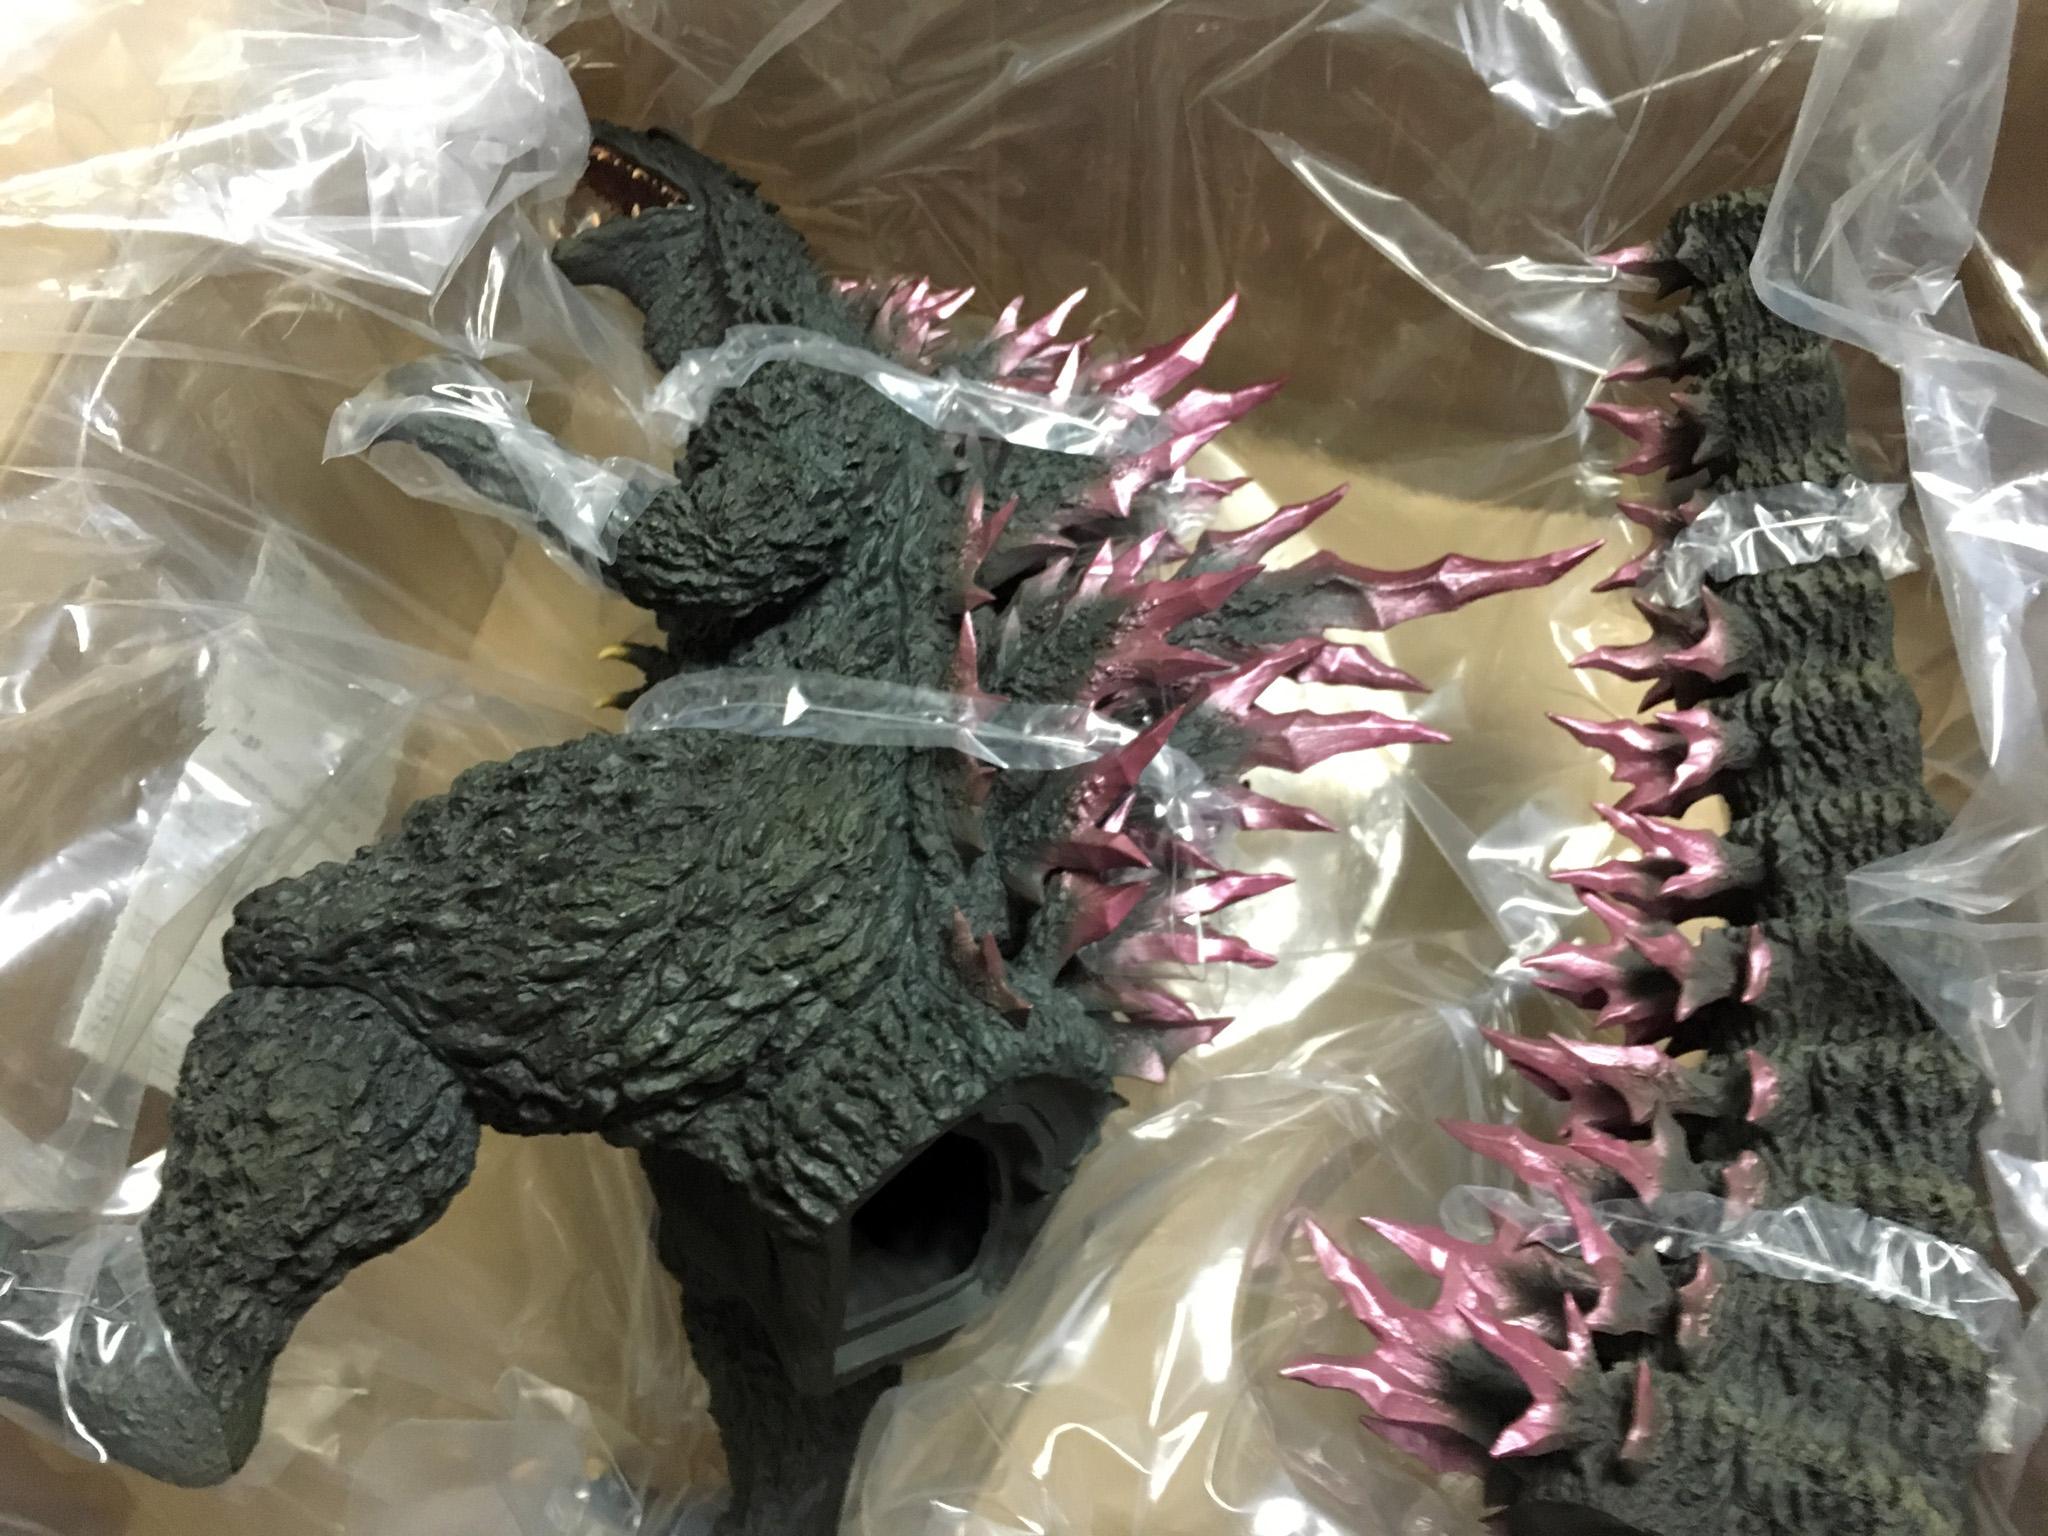 ギガンティックシリーズ 酒井ゆうじ 造形コレクション ゴジラ1999 梱包状態